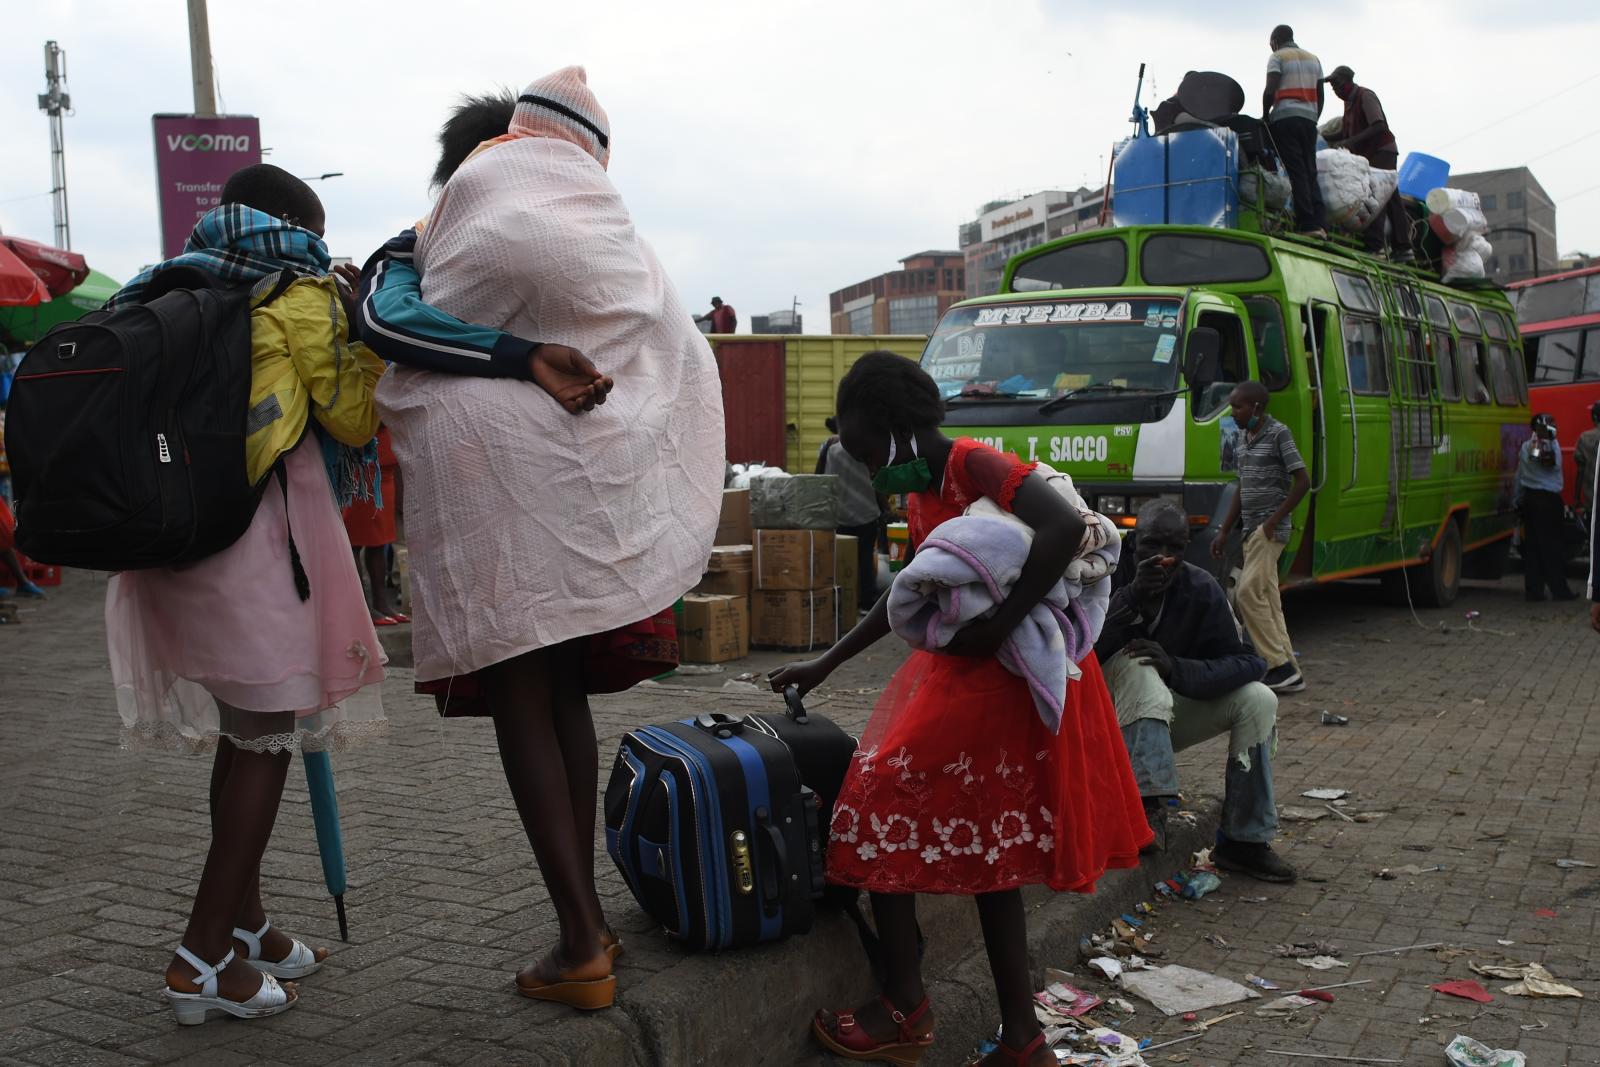 """เด็กวัยรุ่นในเคนยา """"ตั้งครรภ์"""" สูงขึ้น จากมาตรการล็อกดาวน์หยุดโรงเรียน"""